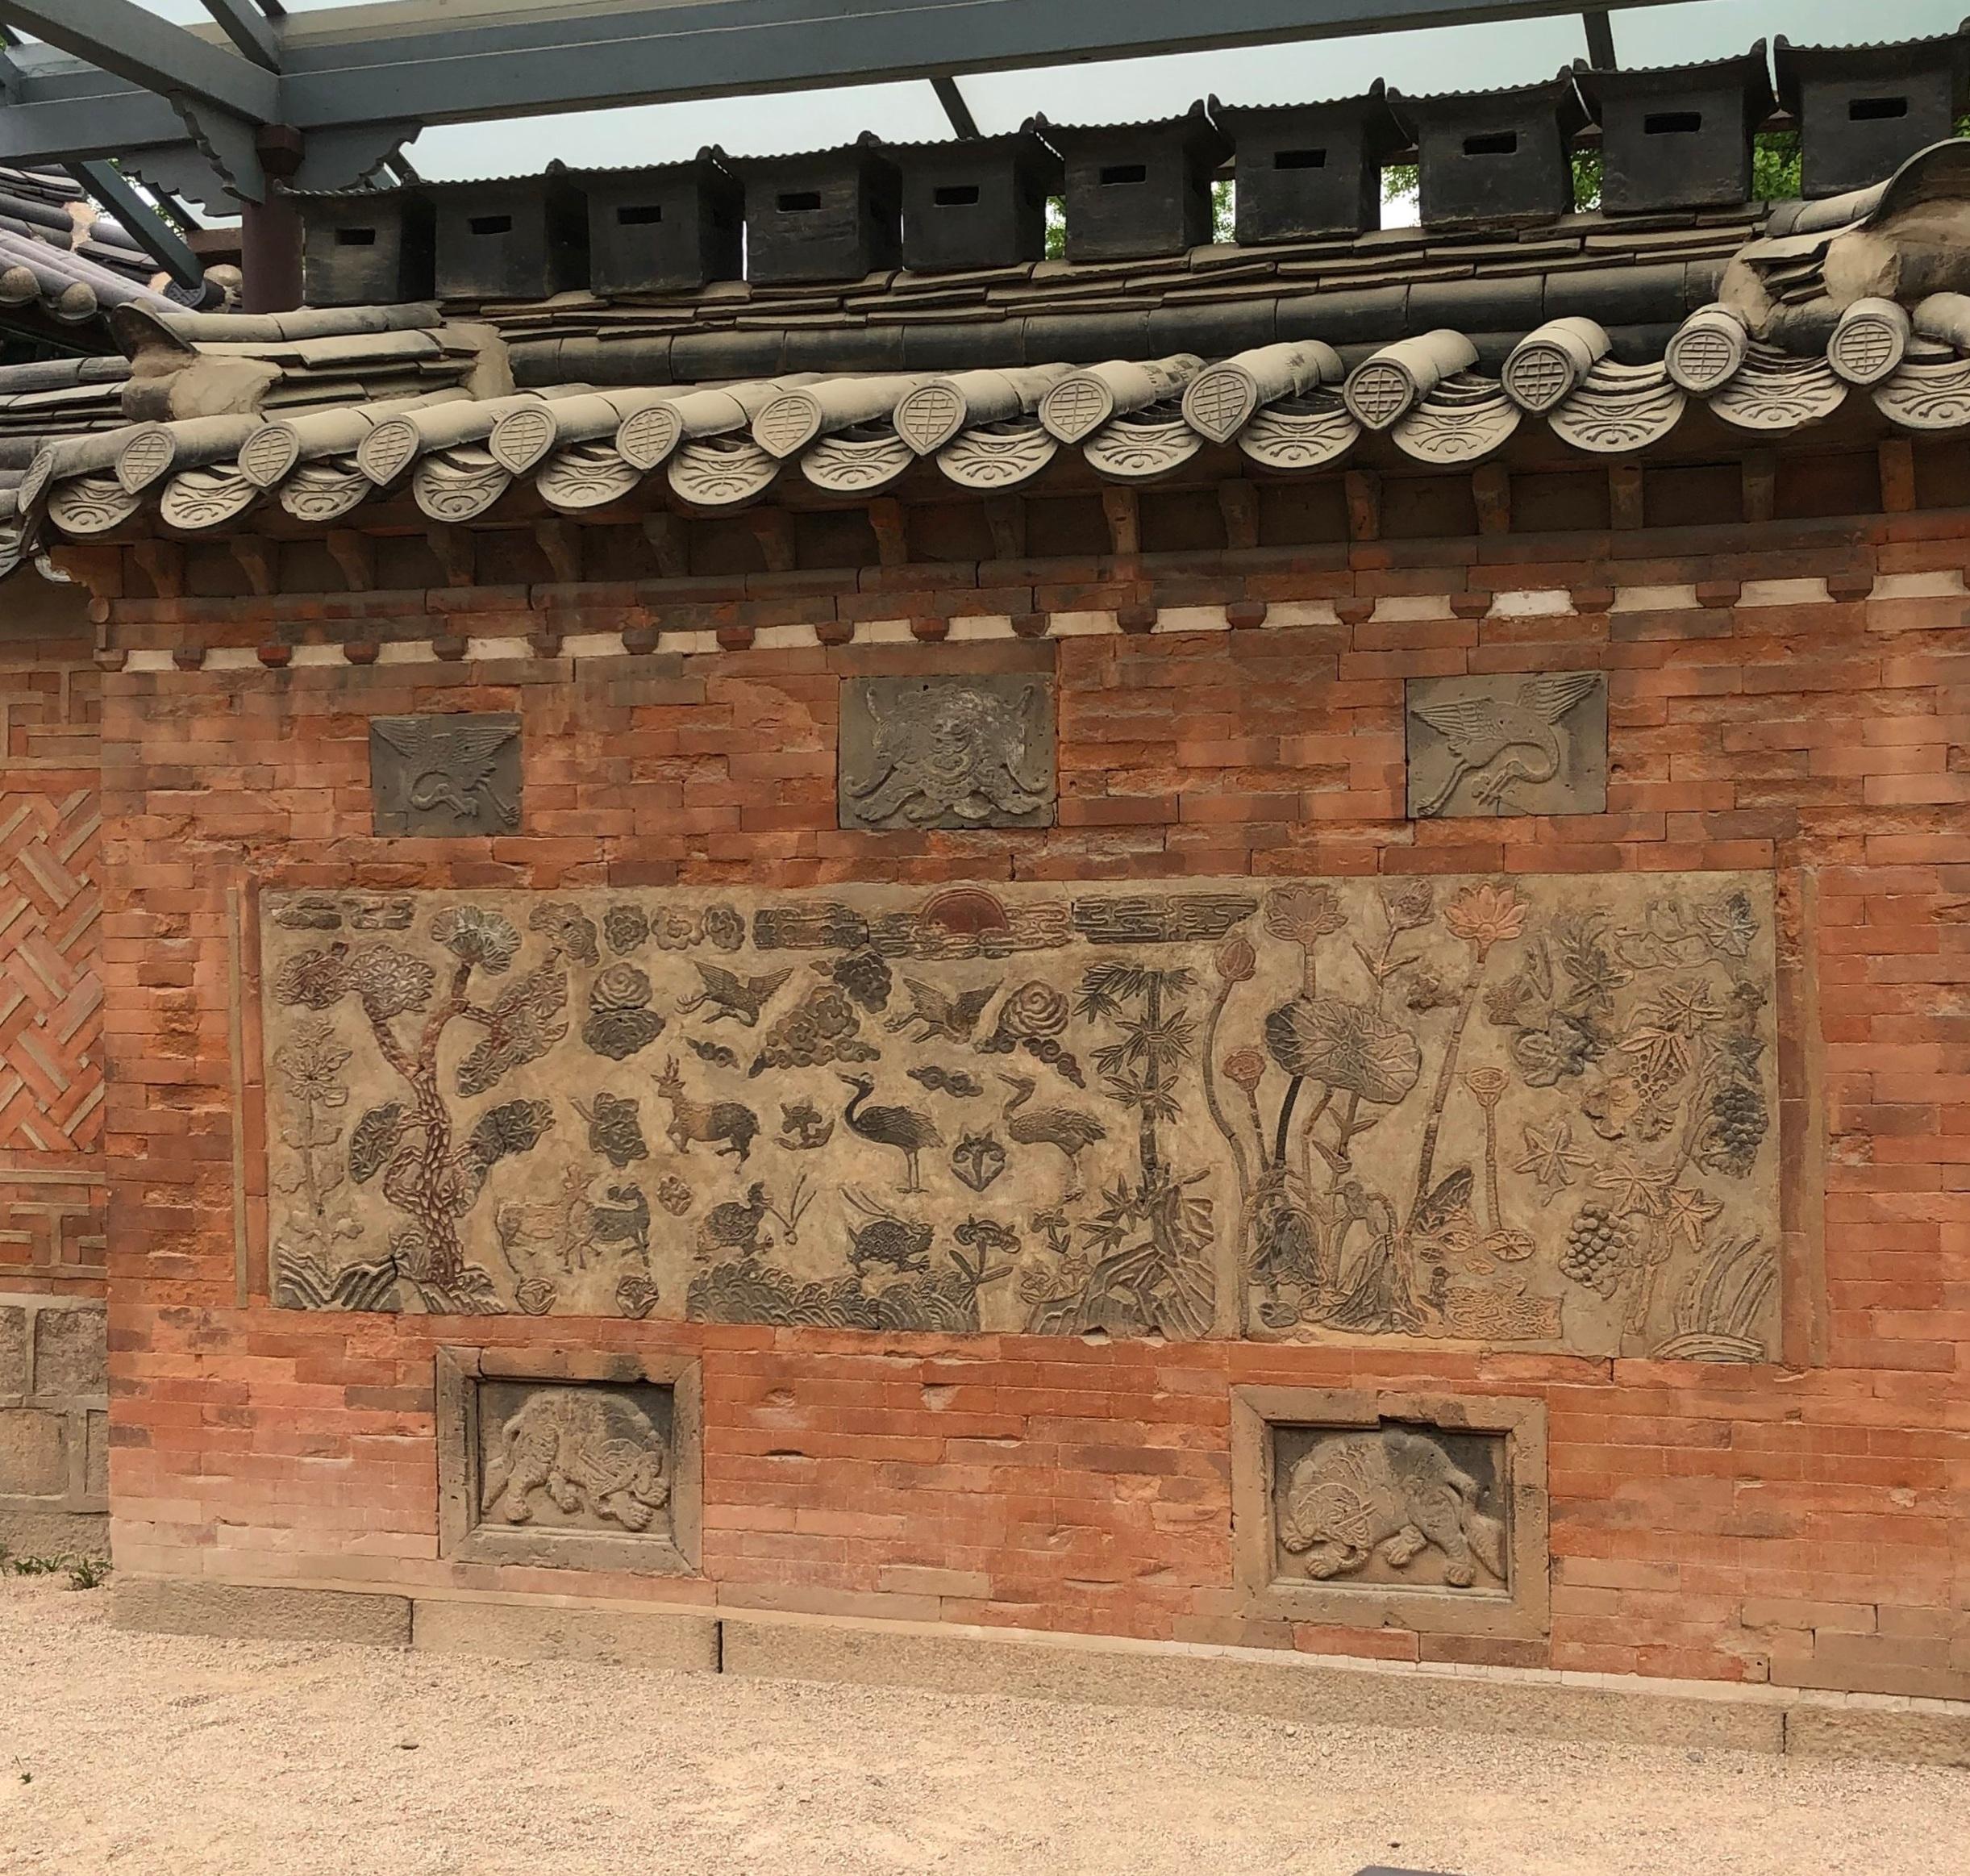 Hidden treasure until 2017 - Gyeongbokgung Palace (Seoul)